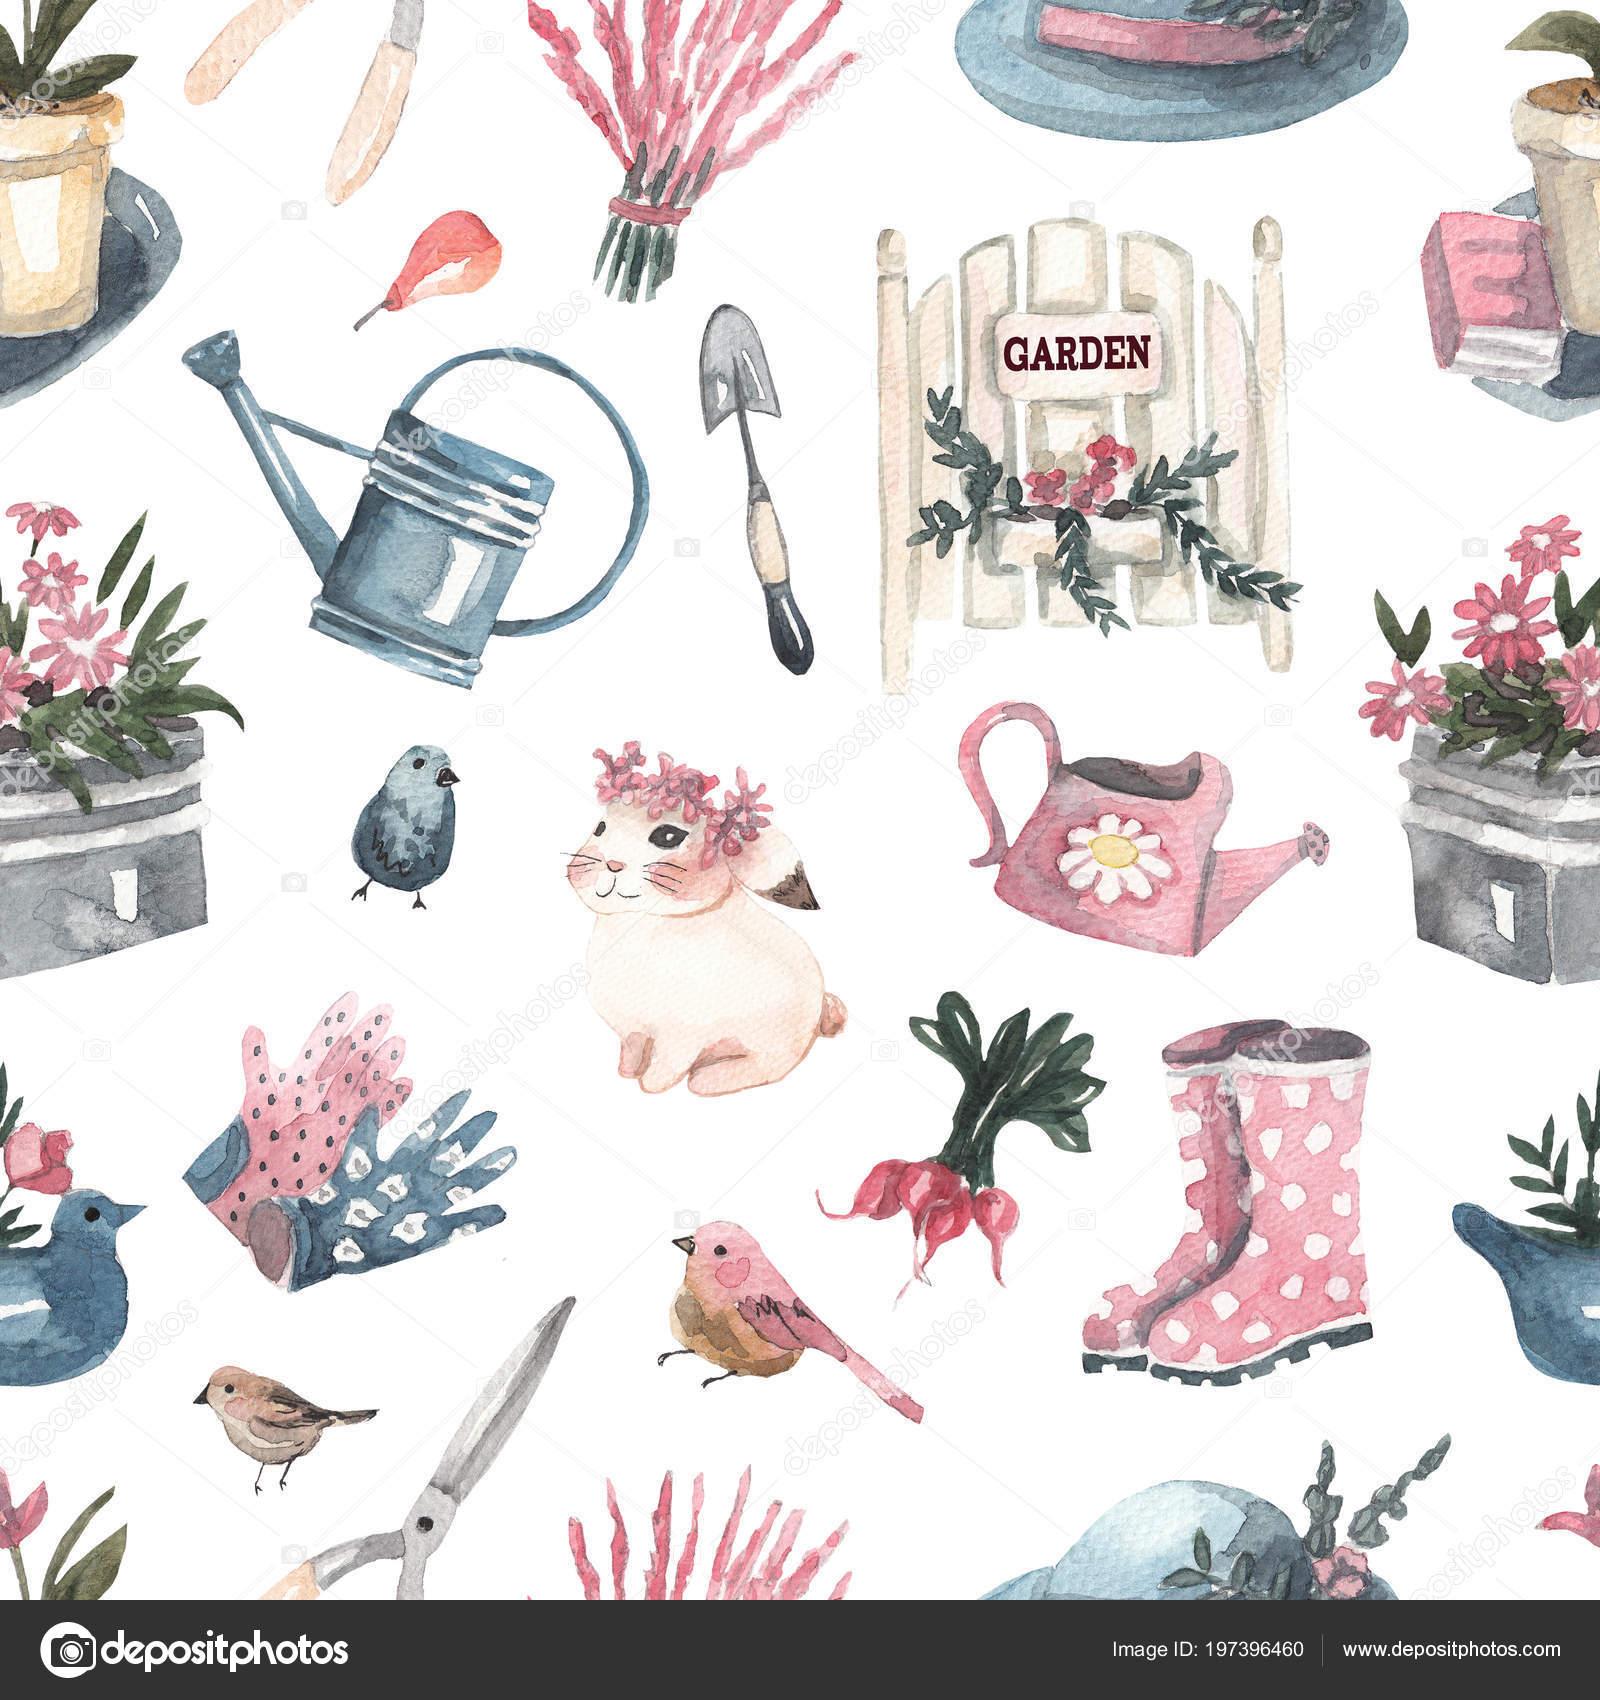 Patr n transparente con flores plantas herramientas jard n for Herramientas para el jardin